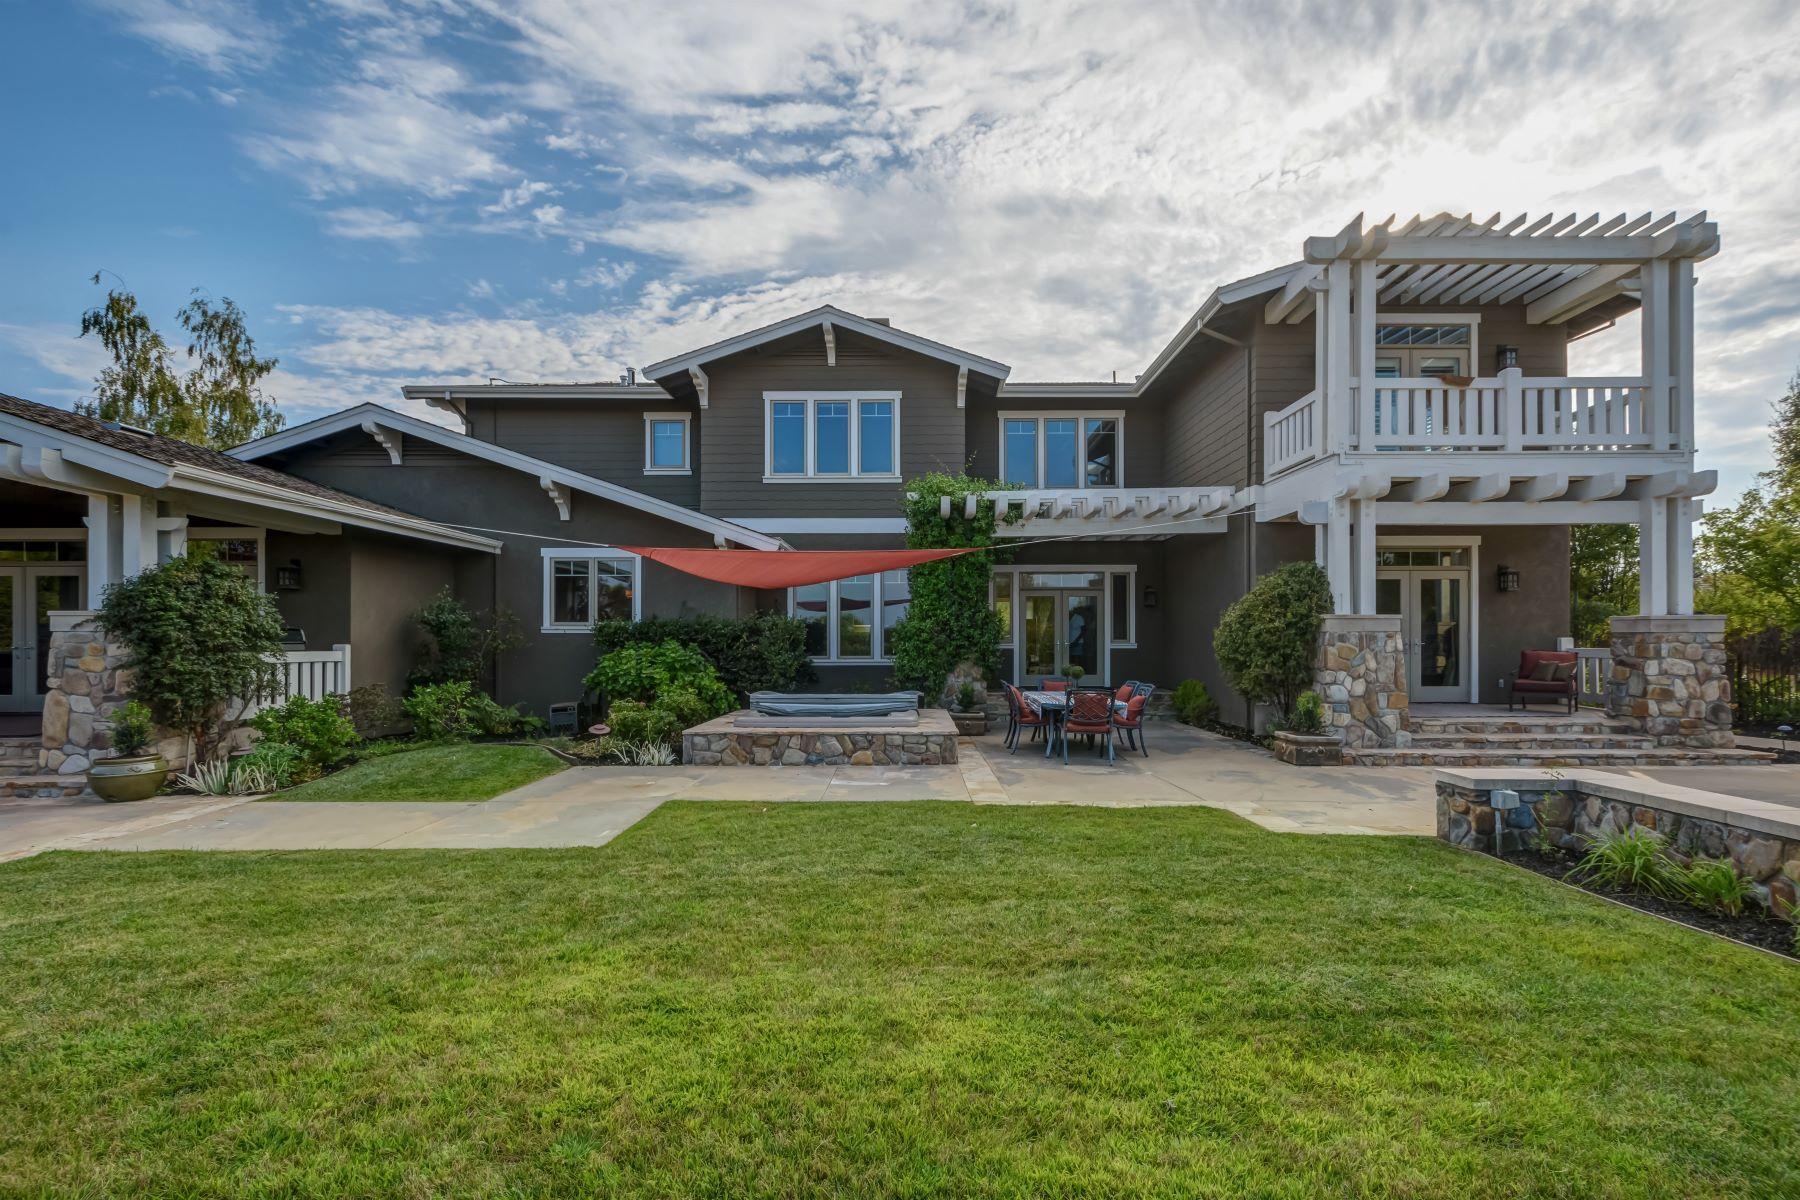 一戸建て のために 売買 アット 3720 Raboli Street, Ruby Hill 3720 Raboli Street Pleasanton, カリフォルニア 94566 アメリカ合衆国